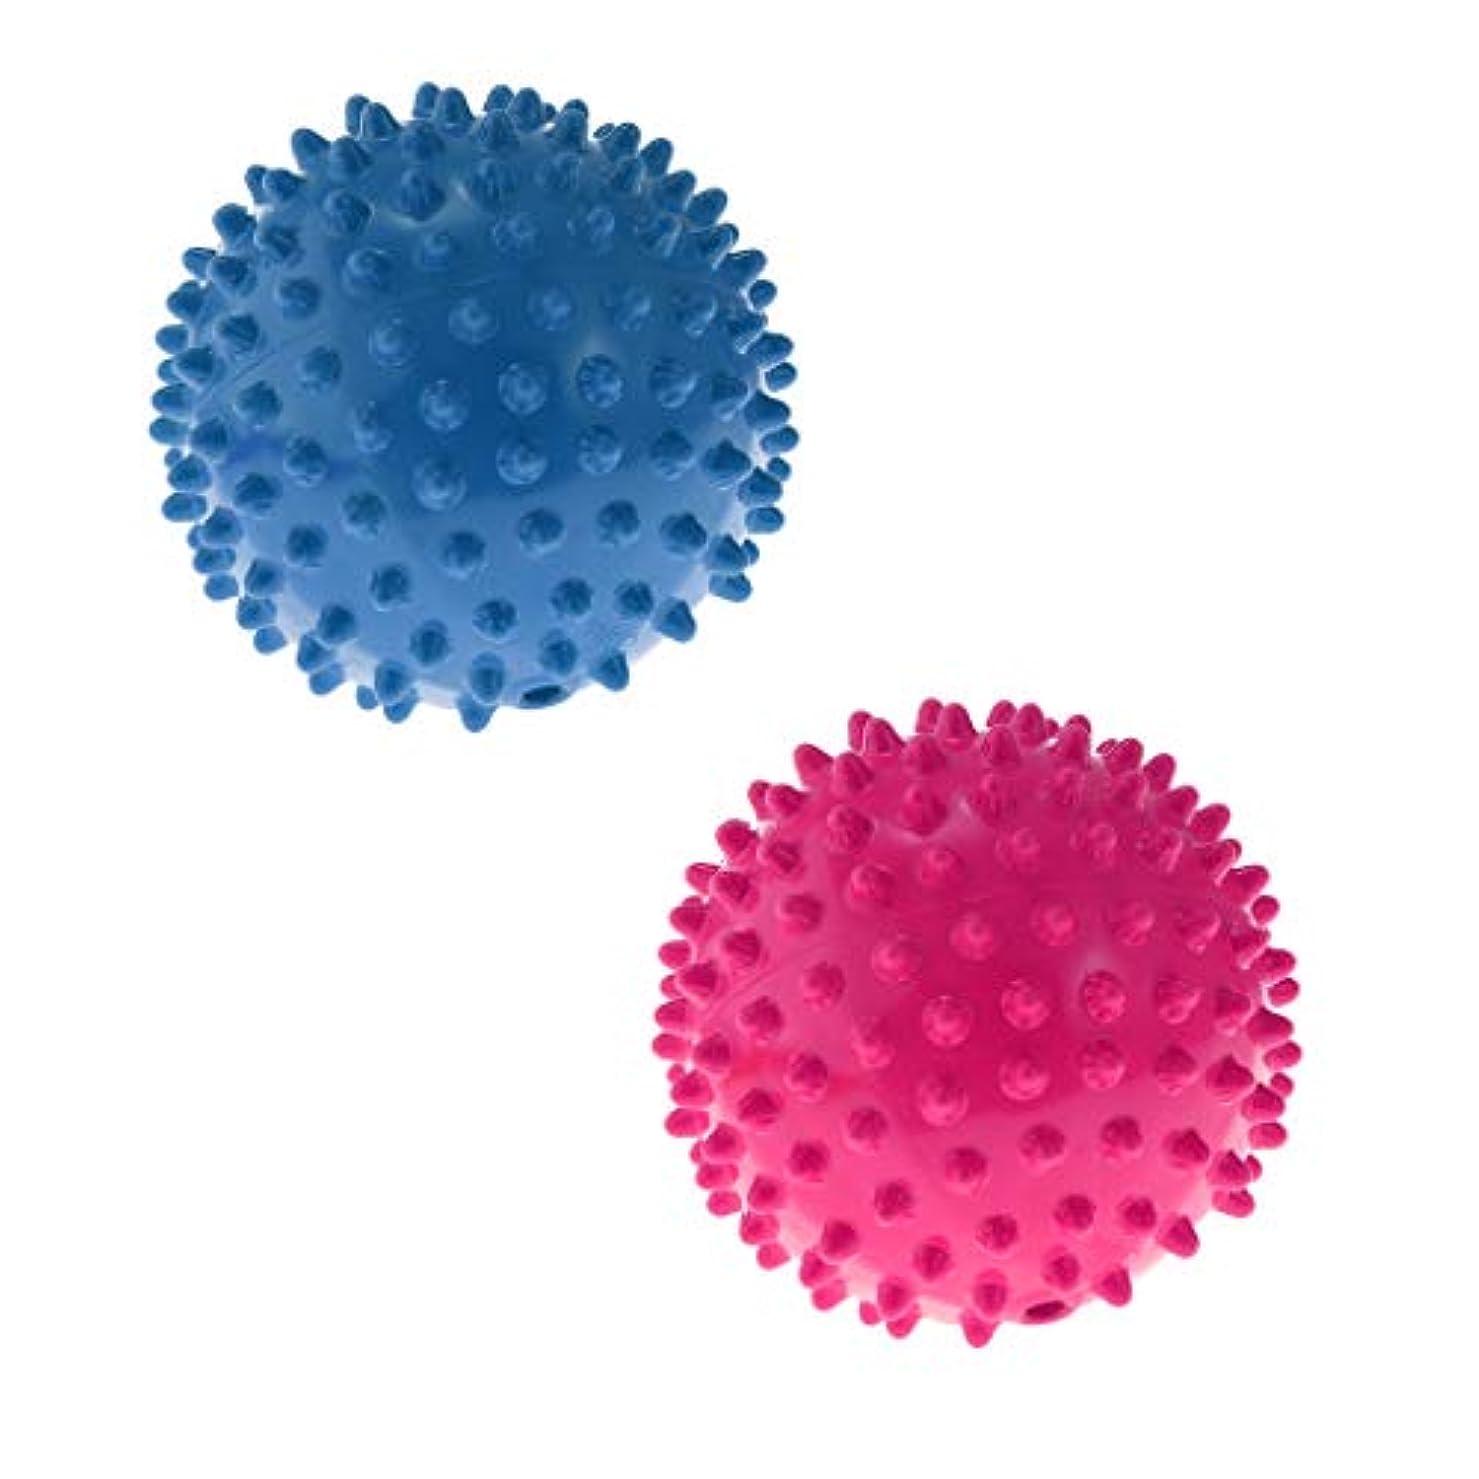 横たわる愛人開示するDYNWAVE 指圧ボール 触覚ボール マッサージローラー ローラーボール 軽量 持ち運び便利 補助ツール 2ピース